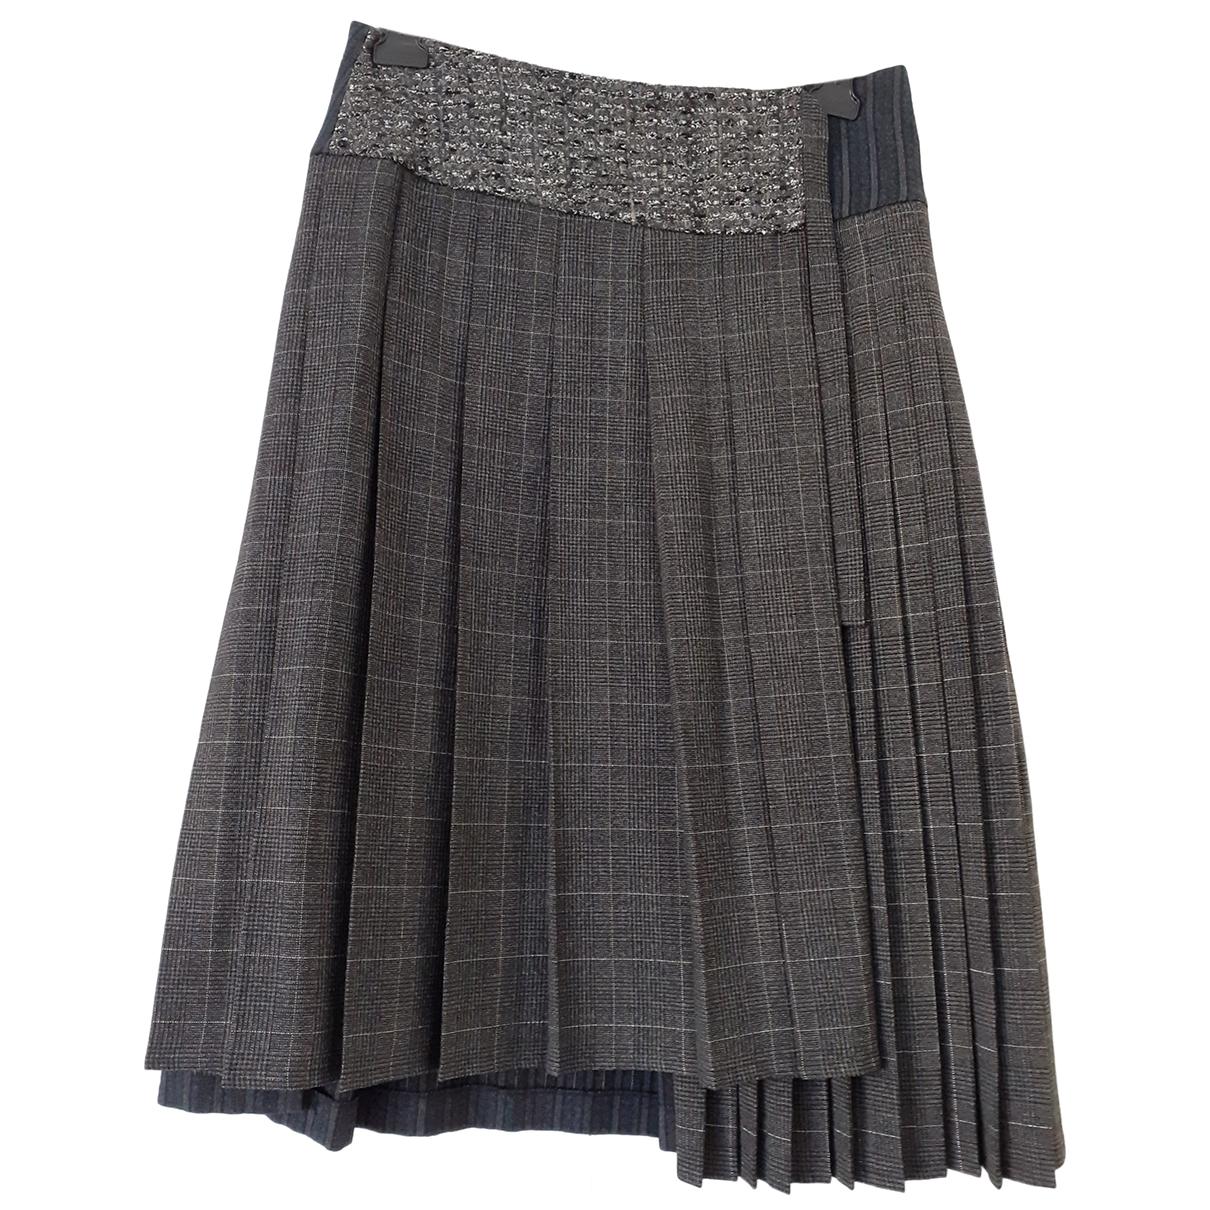 Antonio Marras - Jupe   pour femme en laine - anthracite